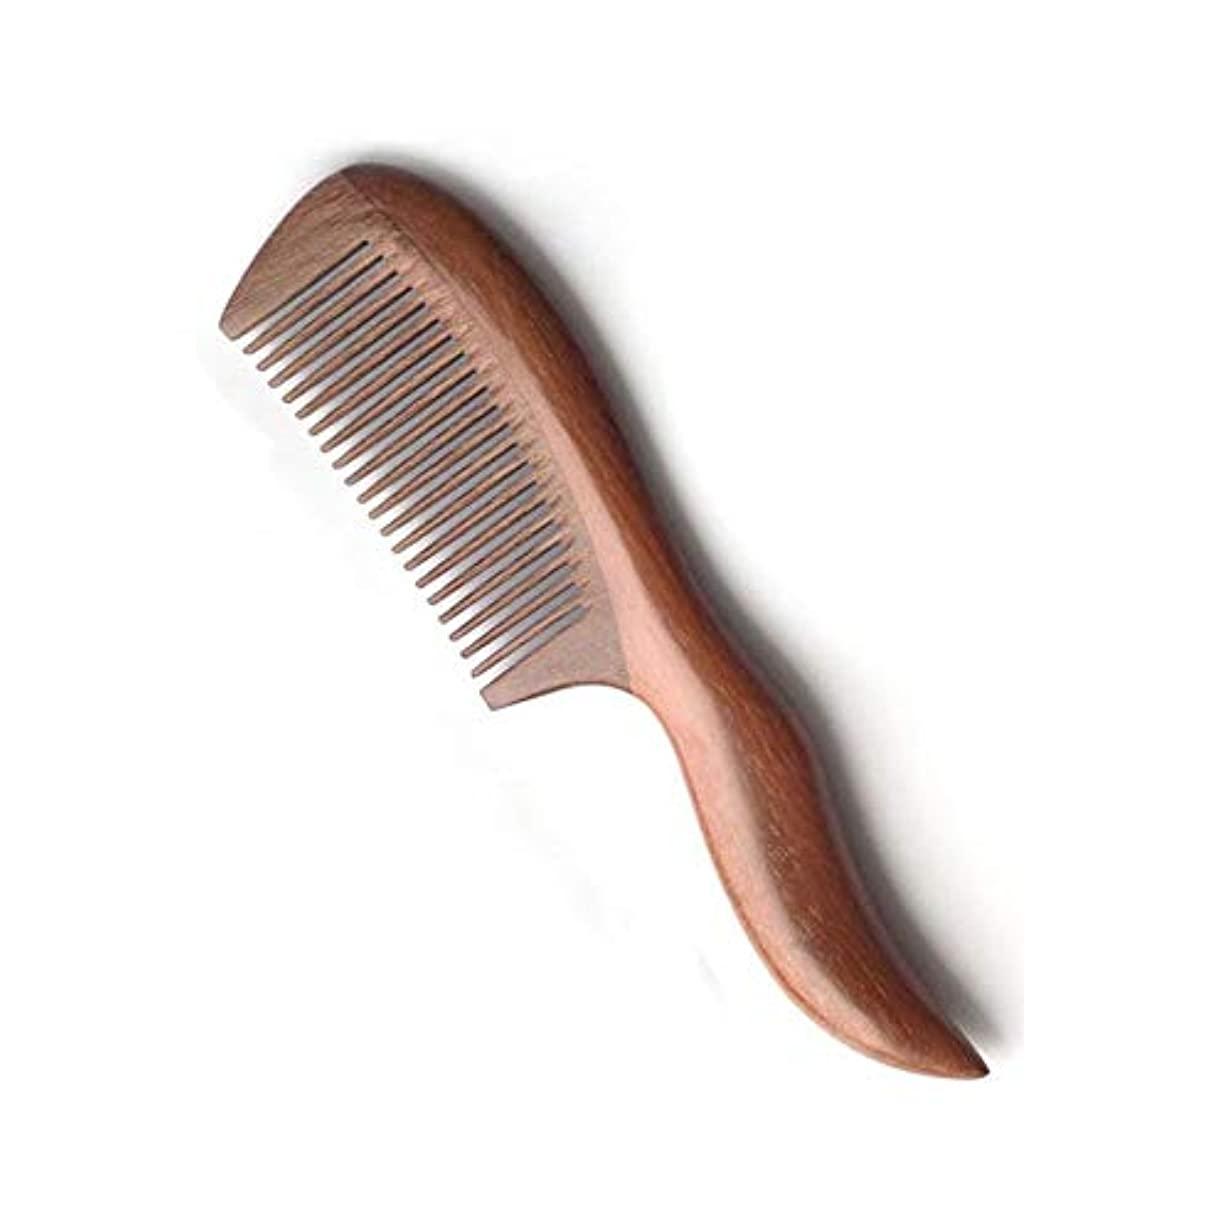 レベル似ている申し立て女性のためのFashian木製のくしファイン歯くし、グリーンサンダルウッド抗静的もつれ解除ホーンくし ヘアケア (色 : 1827)